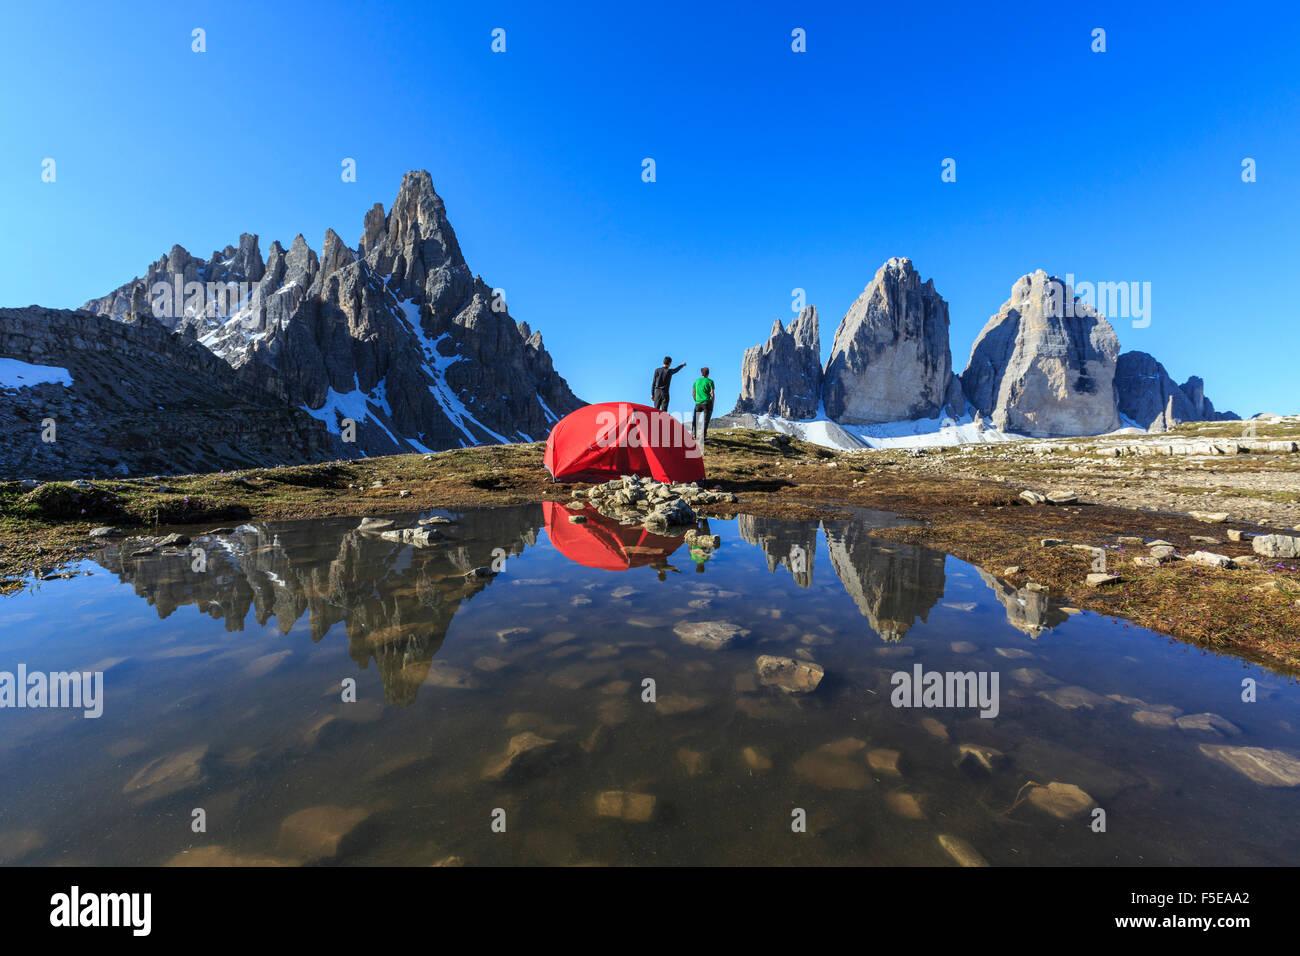 Gli escursionisti si accamparono per la notte potrete ammirare le Tre Cime di Lavaredo al risveglio, Sesto, Dolomiti, Immagini Stock